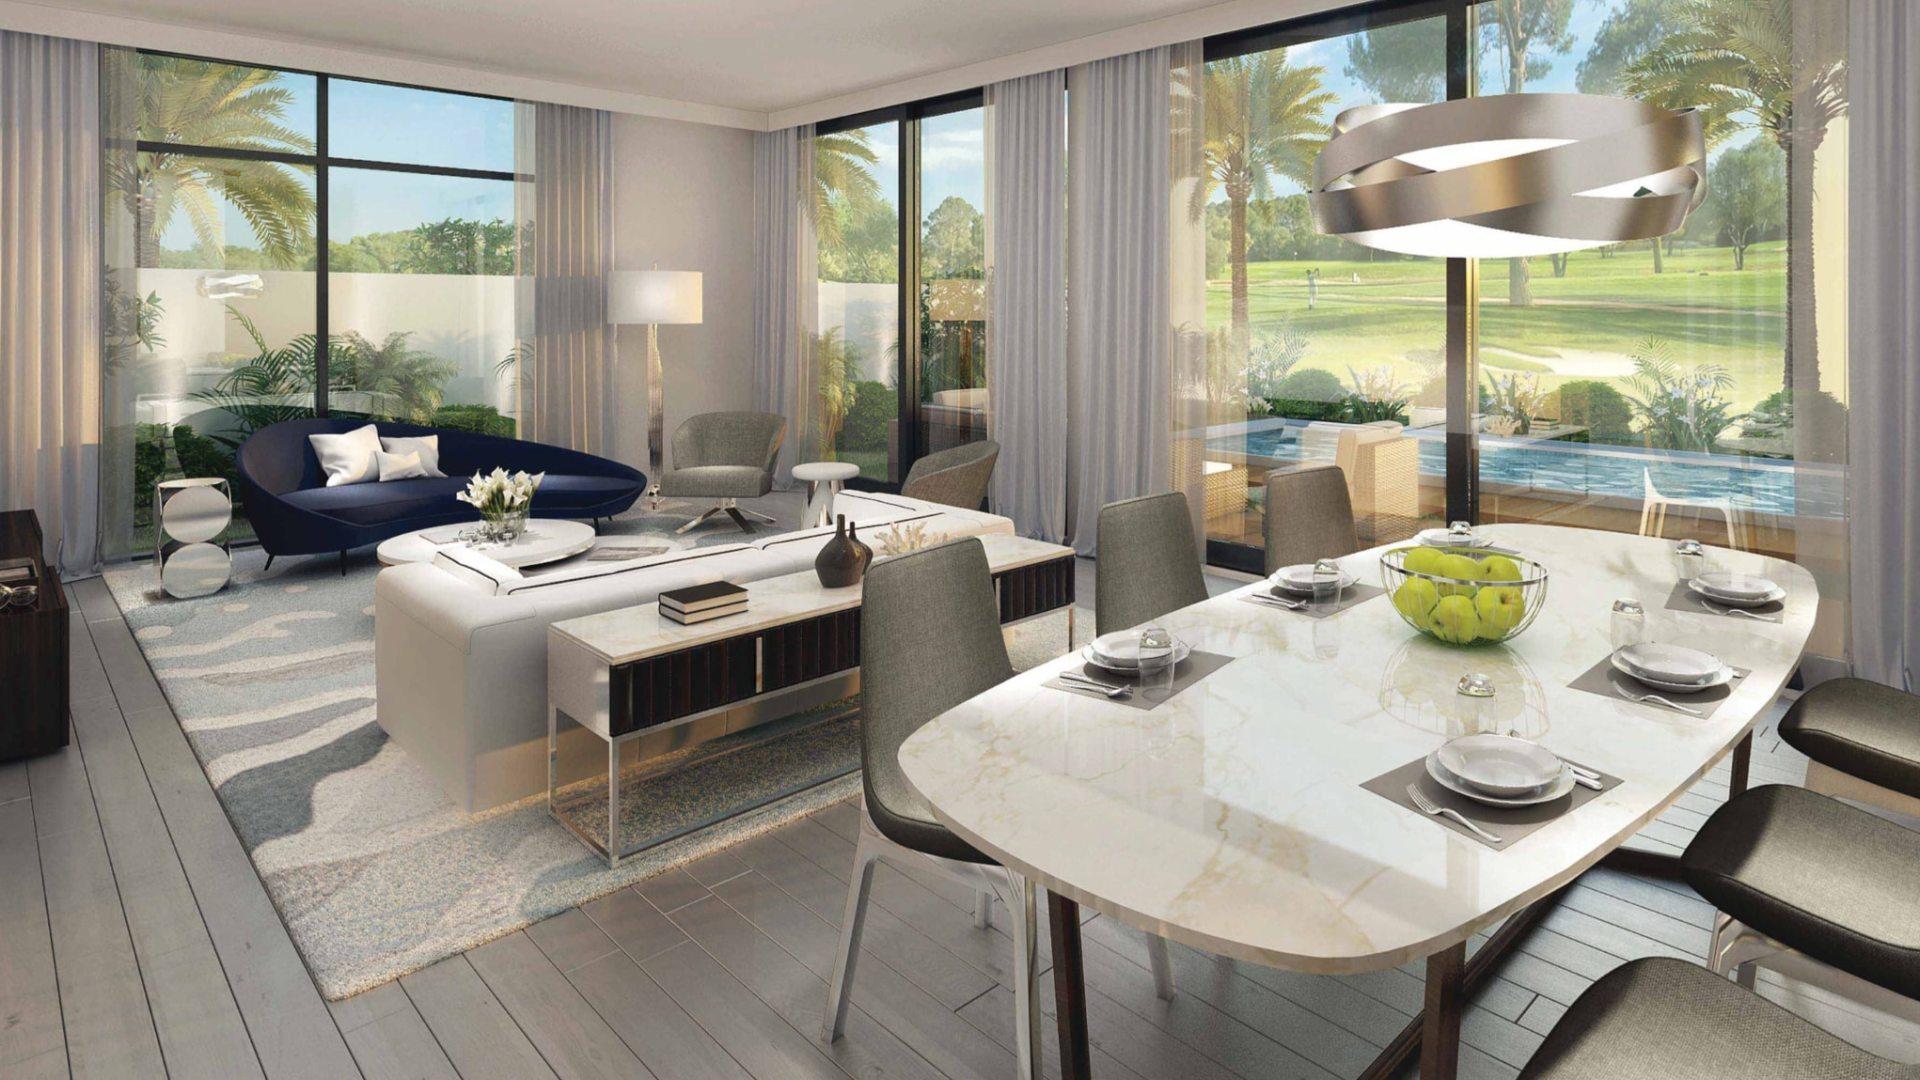 Villa en venta en Dubai, EAU, 3 dormitorios, 193 m2, № 24247 – foto 3